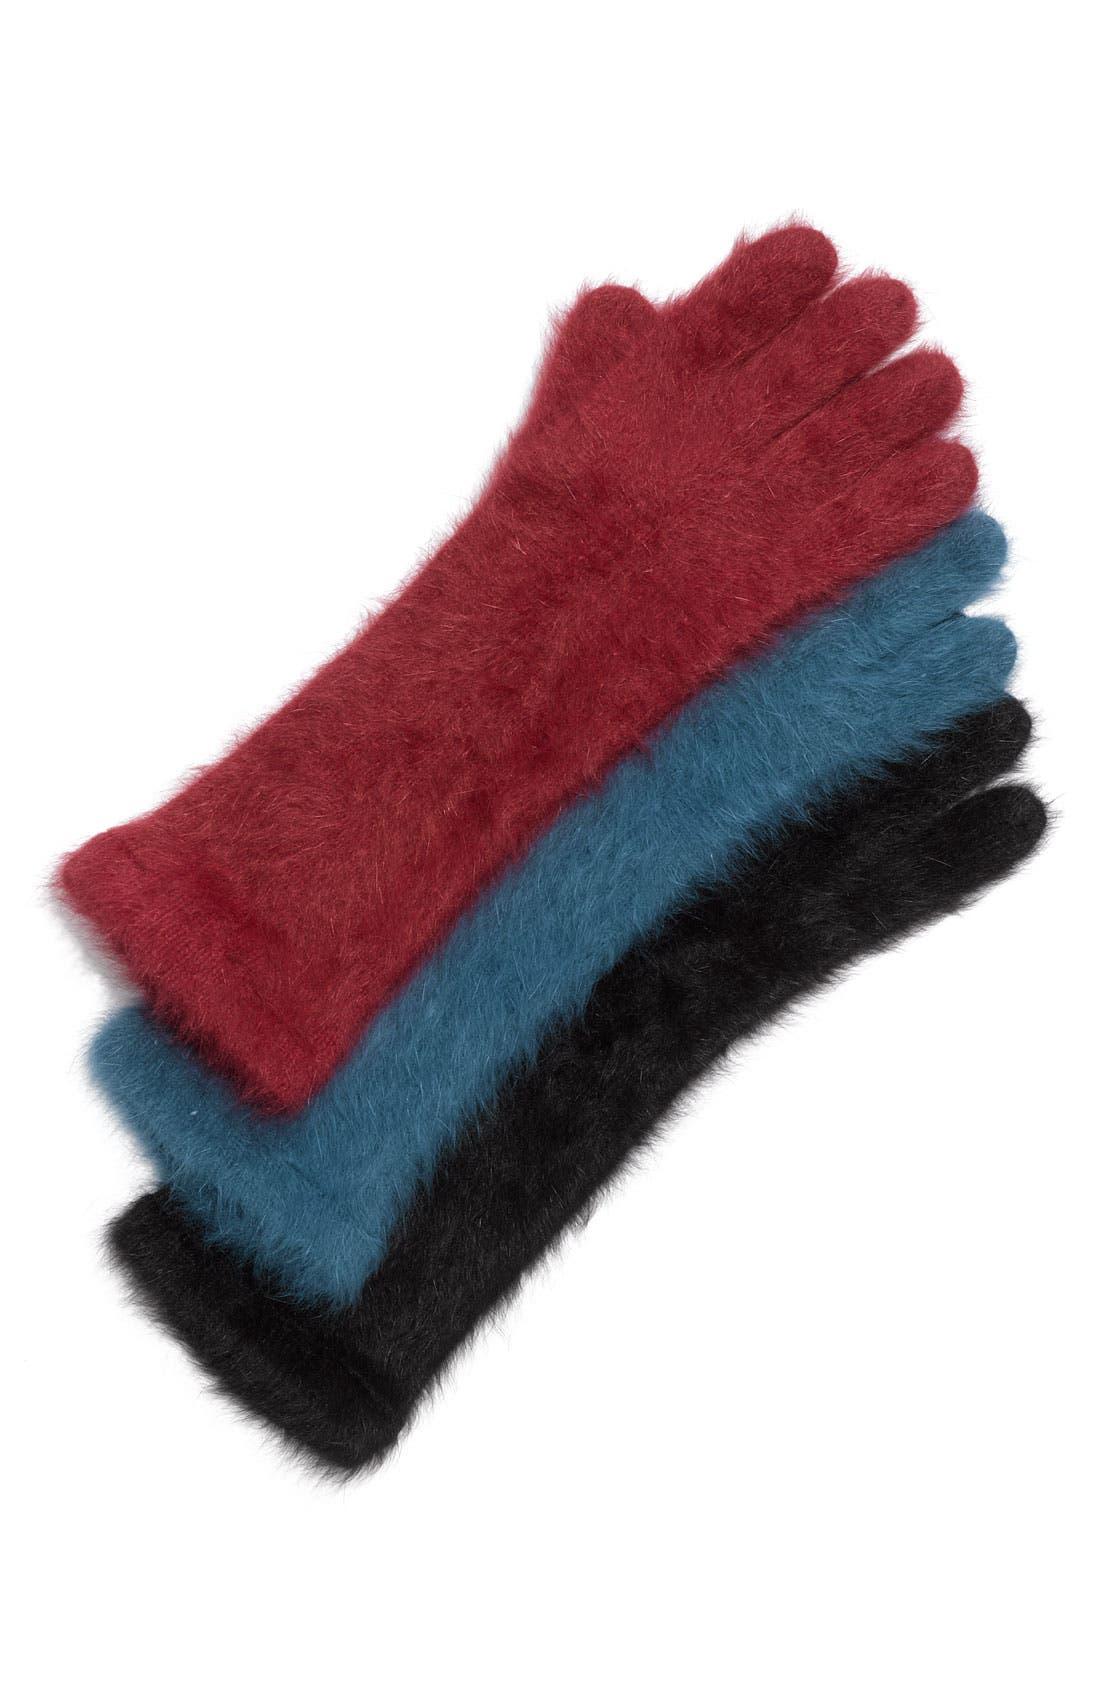 Main Image - Nordstrom Angora Blend Gloves